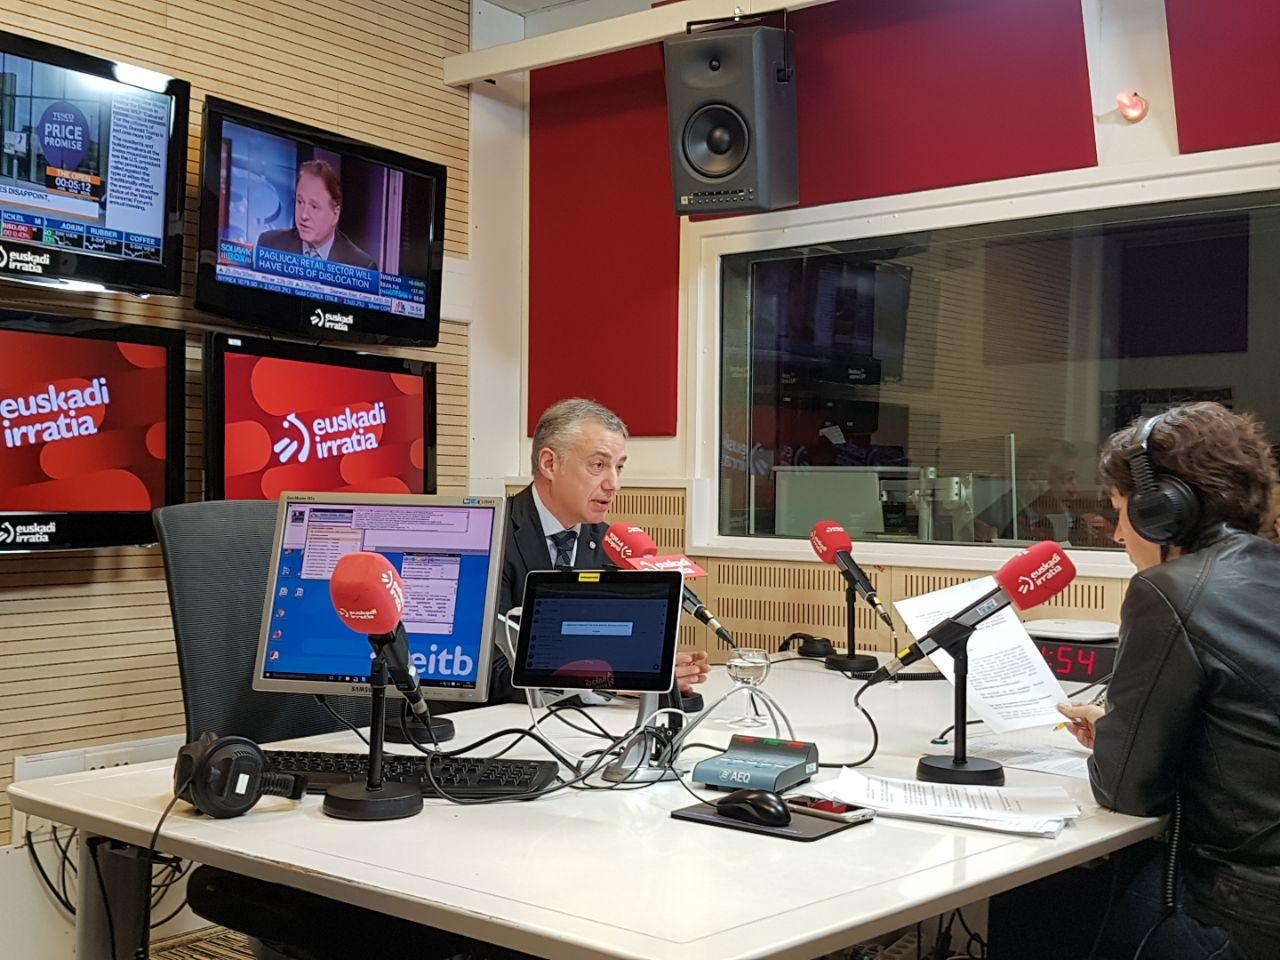 """Lehendakari: """"Deberíamos aprovechar este año para acordar unas bases que permitan profundizar en el Autogobierno vasco"""""""